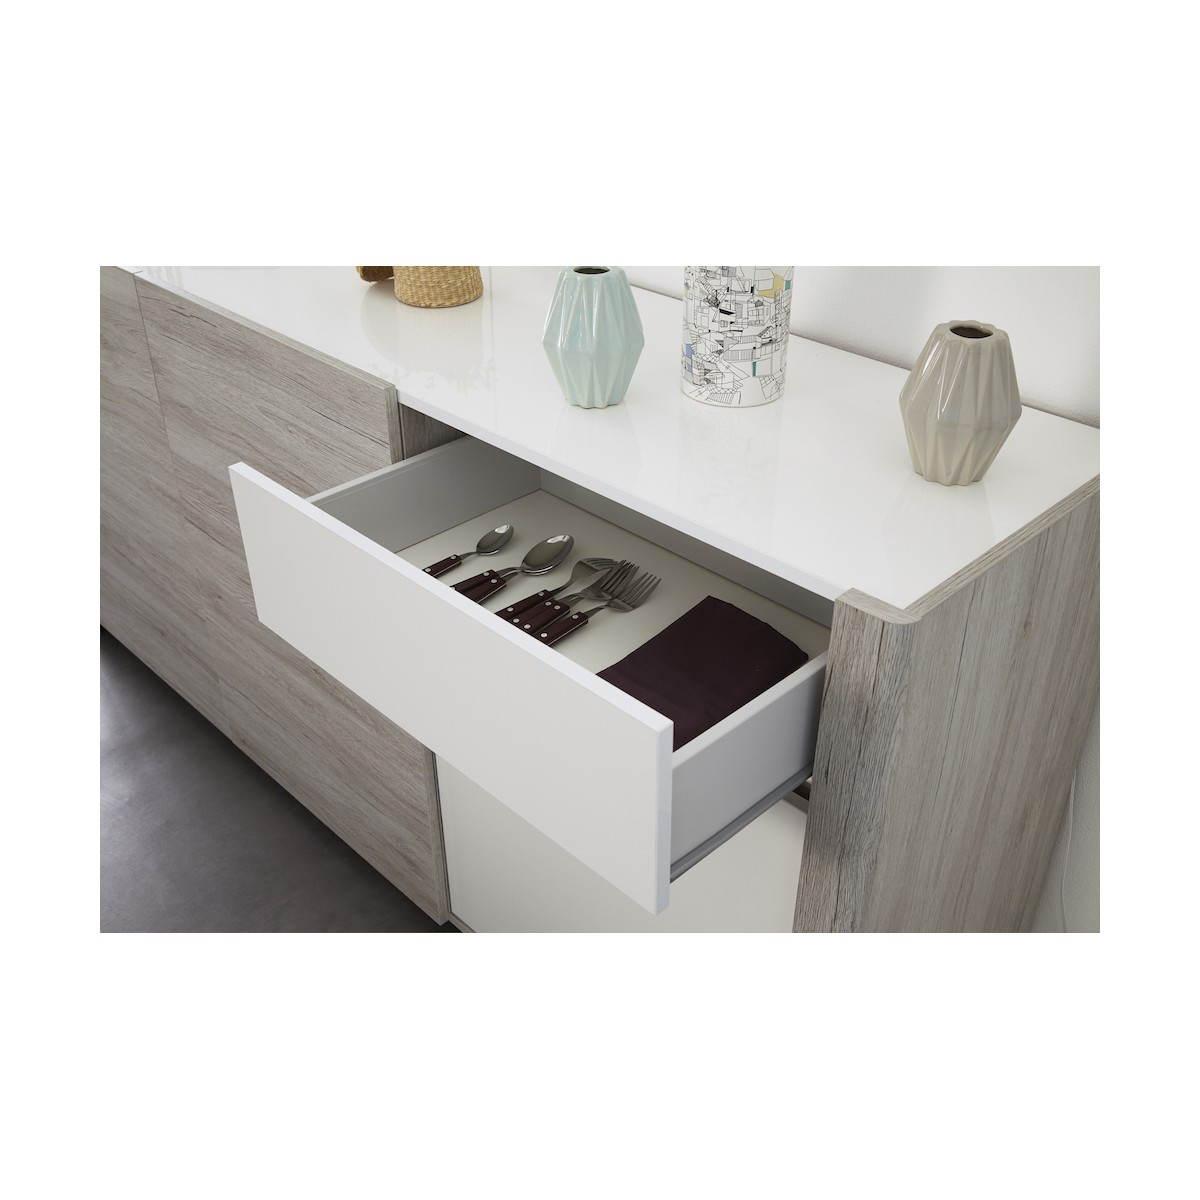 buffet runde 3 turen design chaillot dekor eiche hellgrau weiss hochglanz amp story 3907